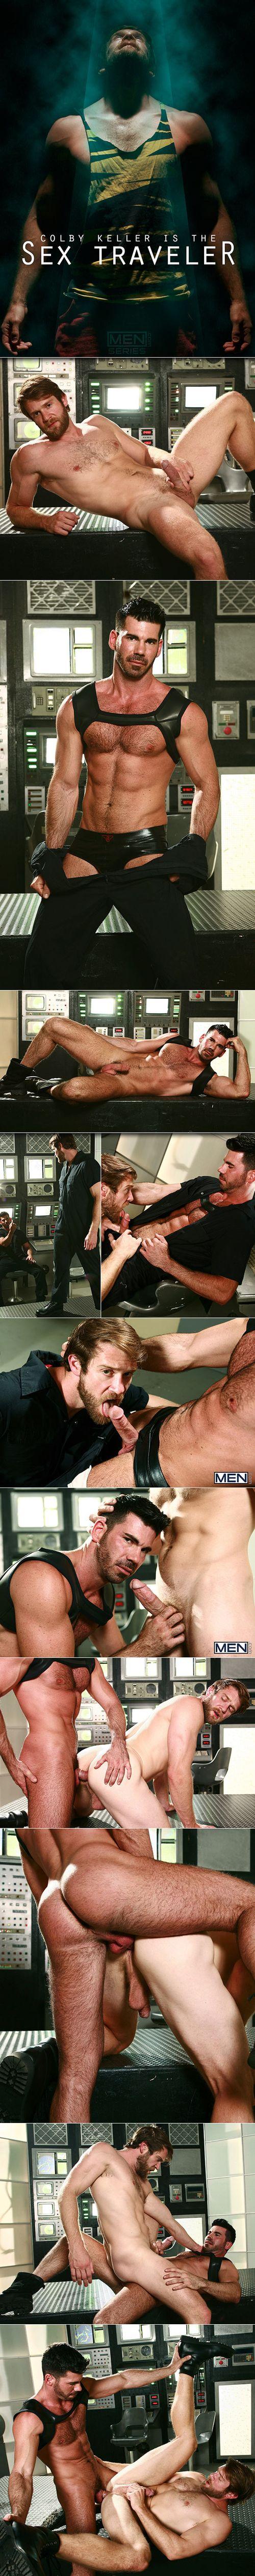 Colby-Keller-Billy-Santoro-DMH